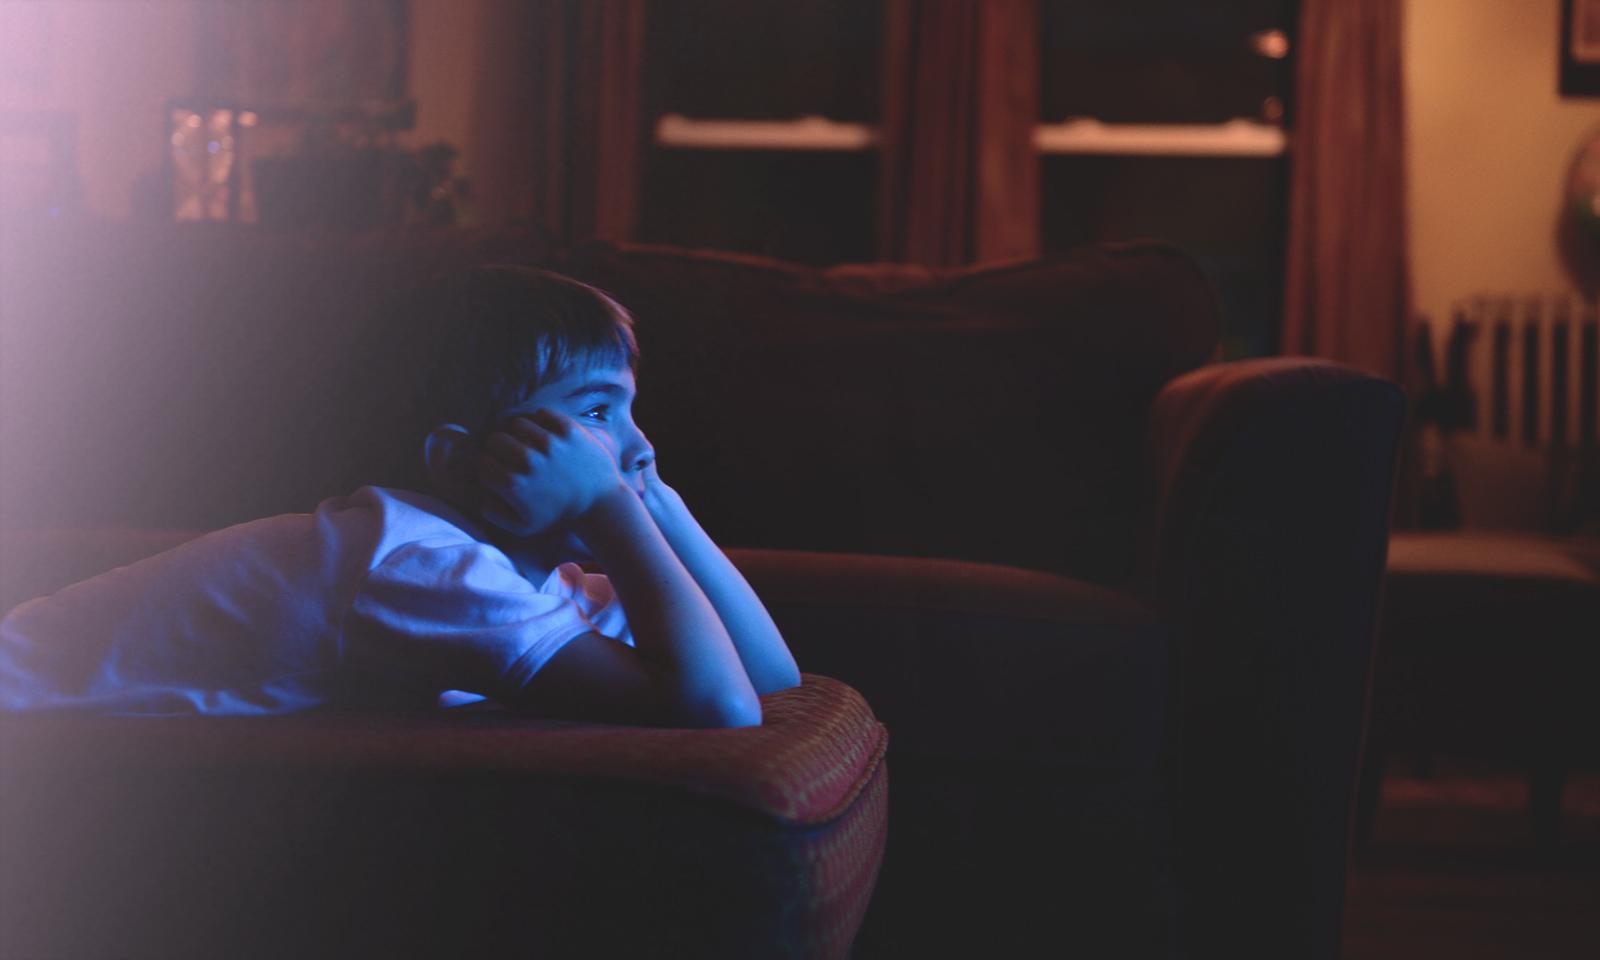 La lumière bleue des écrans: comment se protéger?